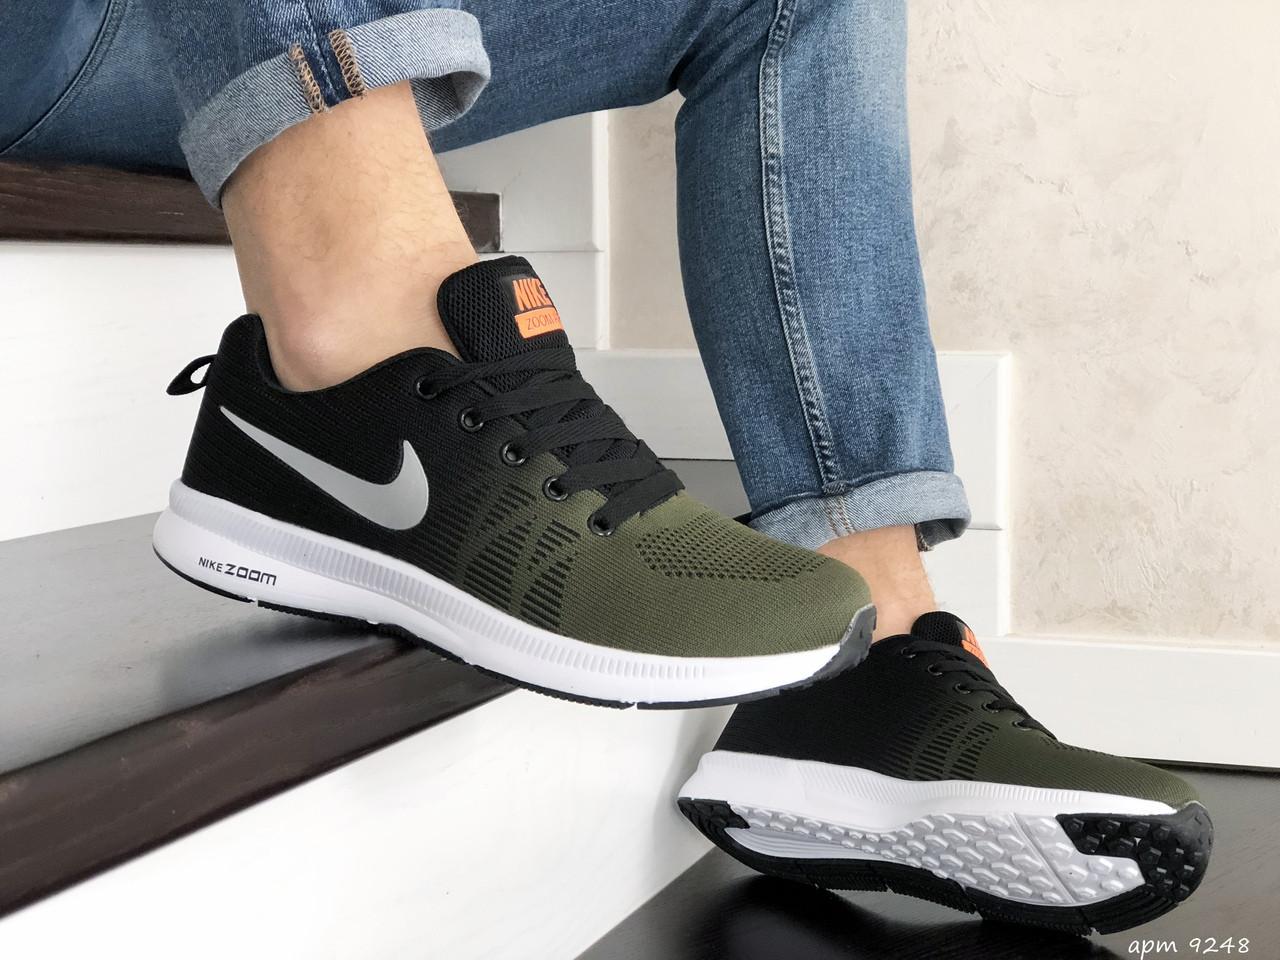 Темно зеленые кроссовки Nike Zoom (мужские, сетка) Размер 42, 44.